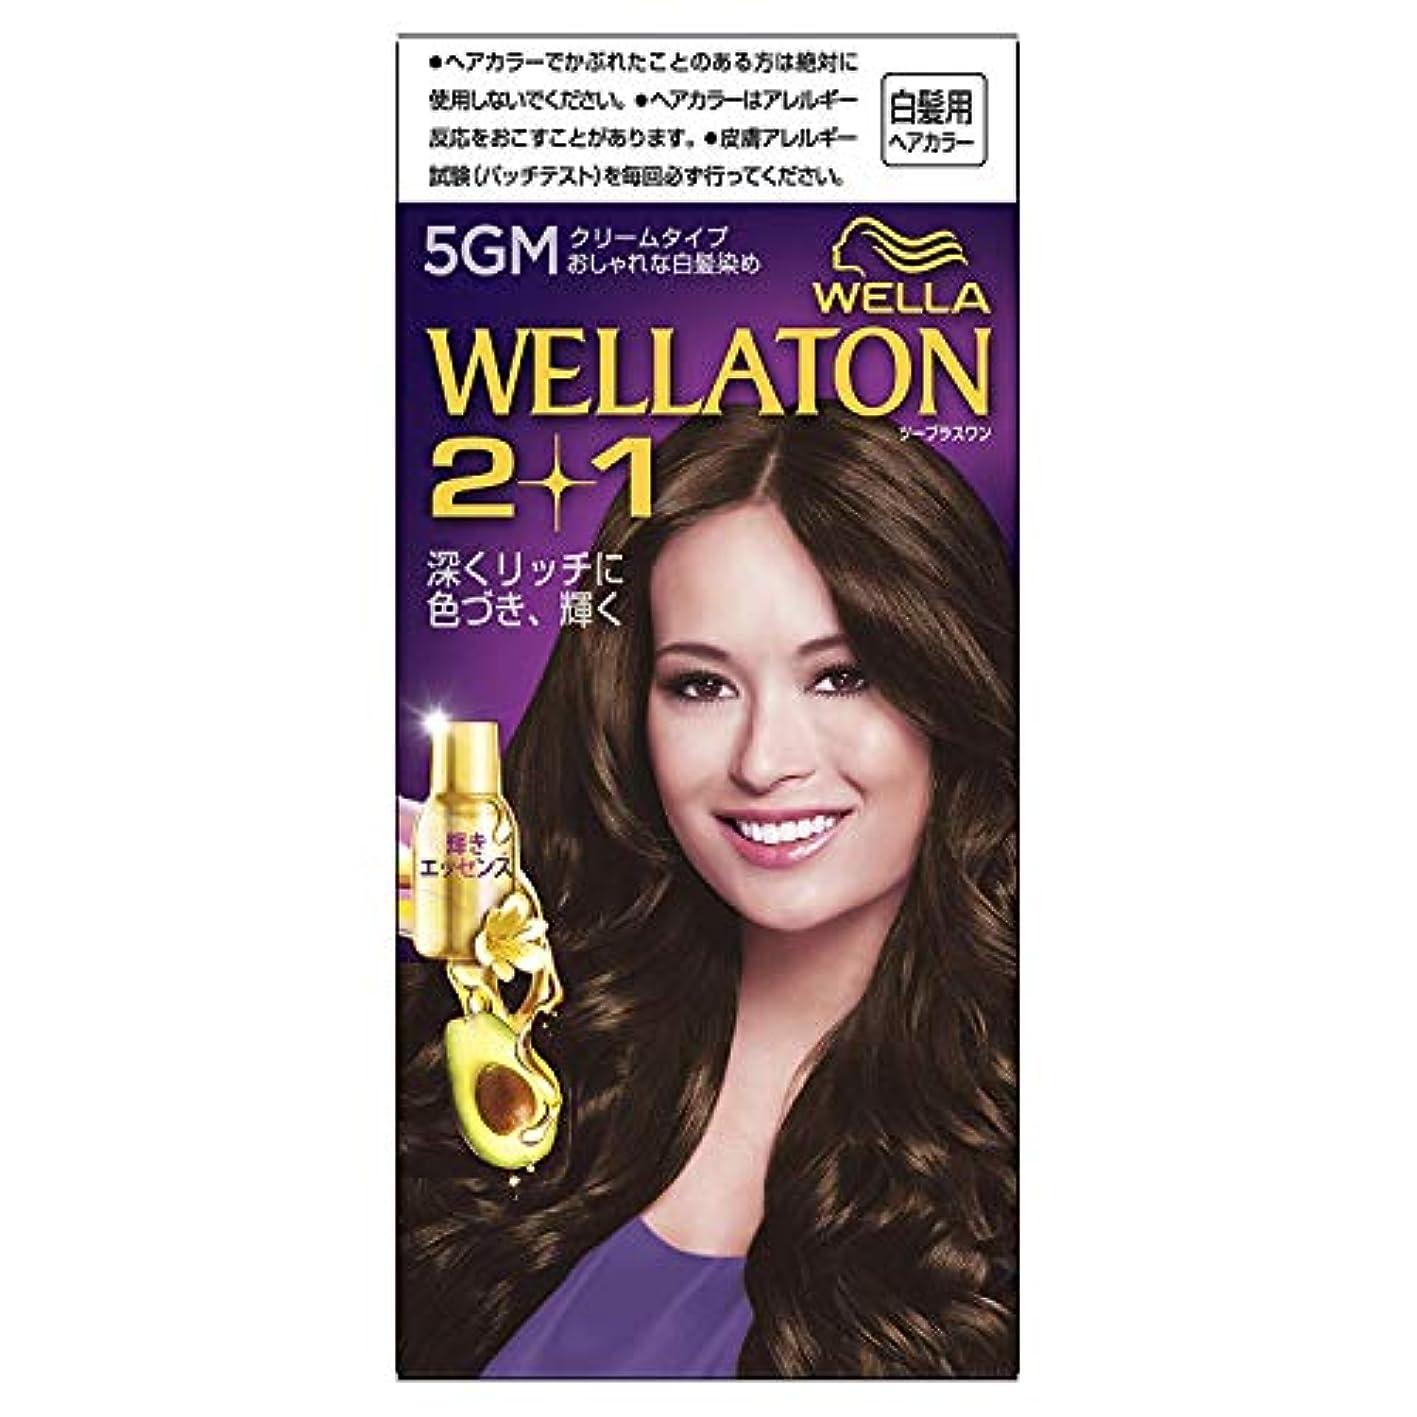 カッター引数大ウエラトーン2+1 クリームタイプ 5GM [医薬部外品]×6個